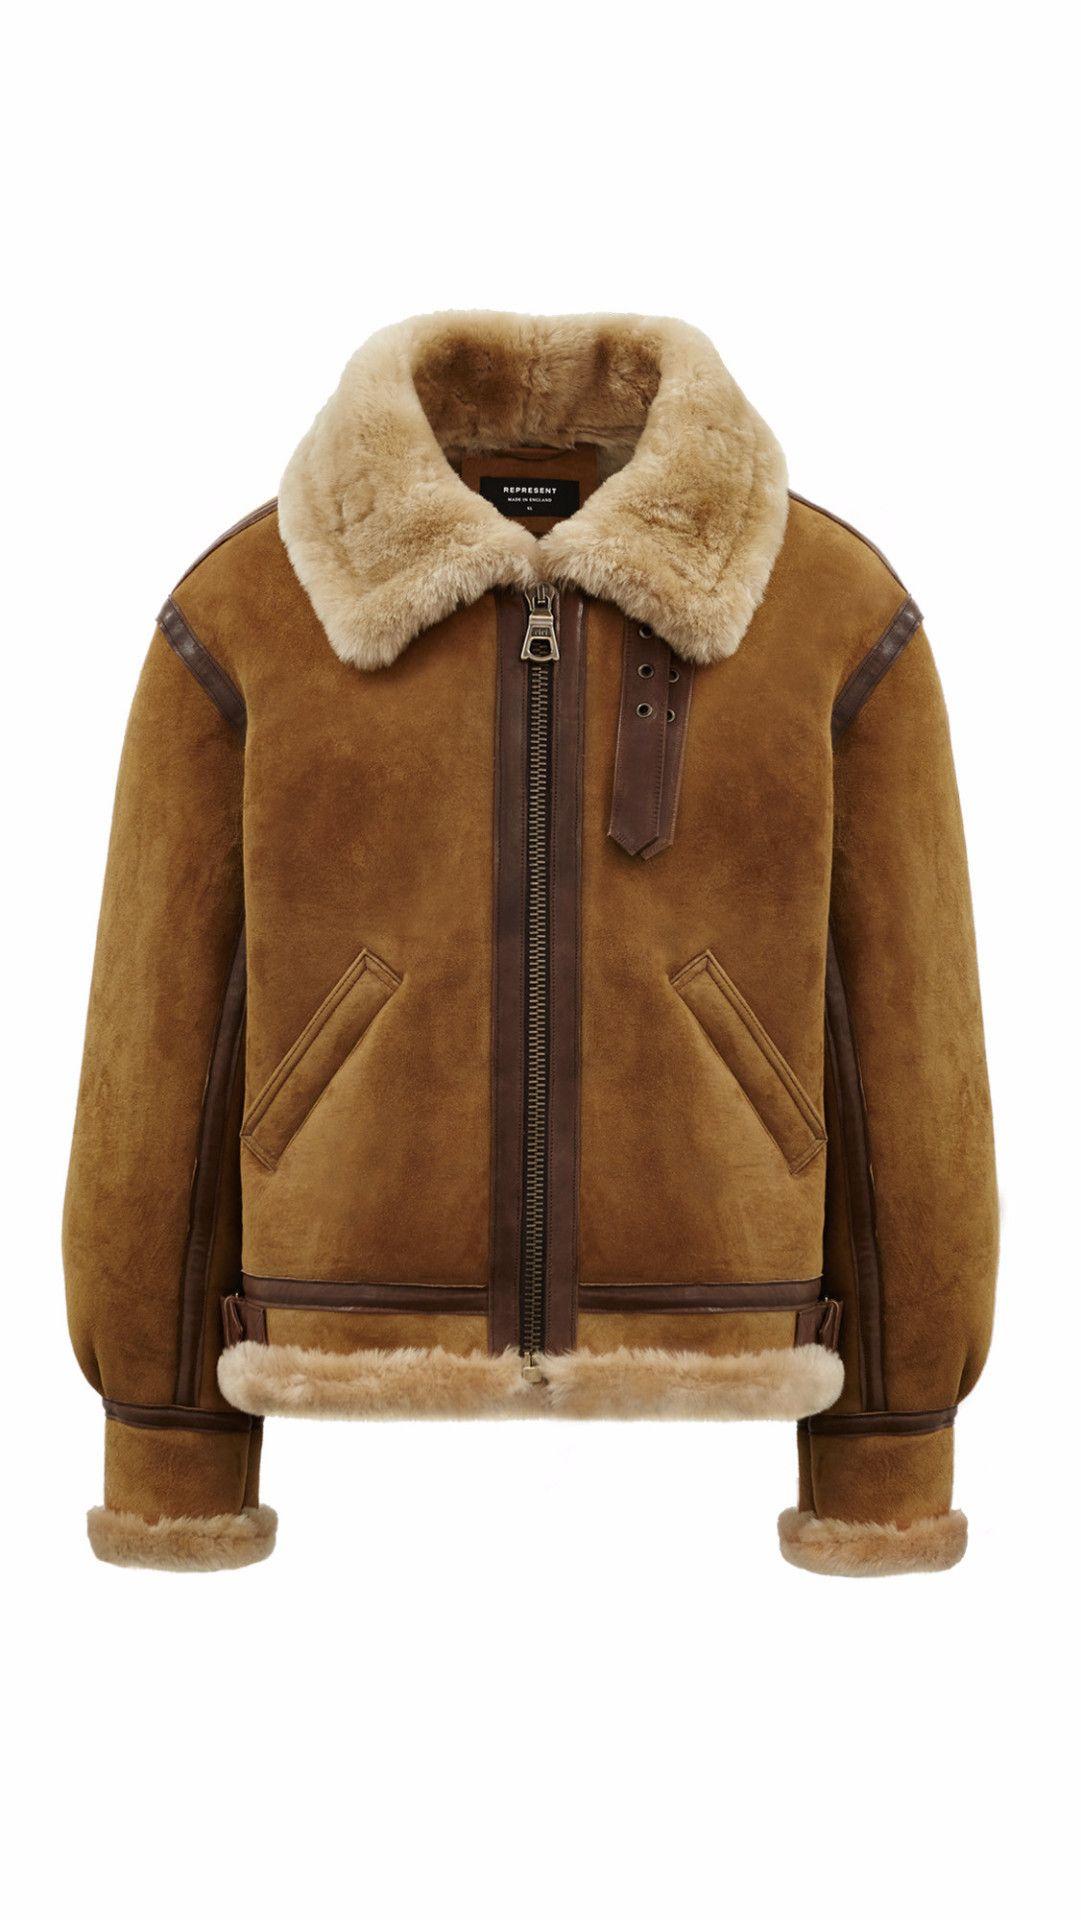 665cdc0ef Shearling Jacket - Antelope REPRESENT | Men In Fur / shearling ...